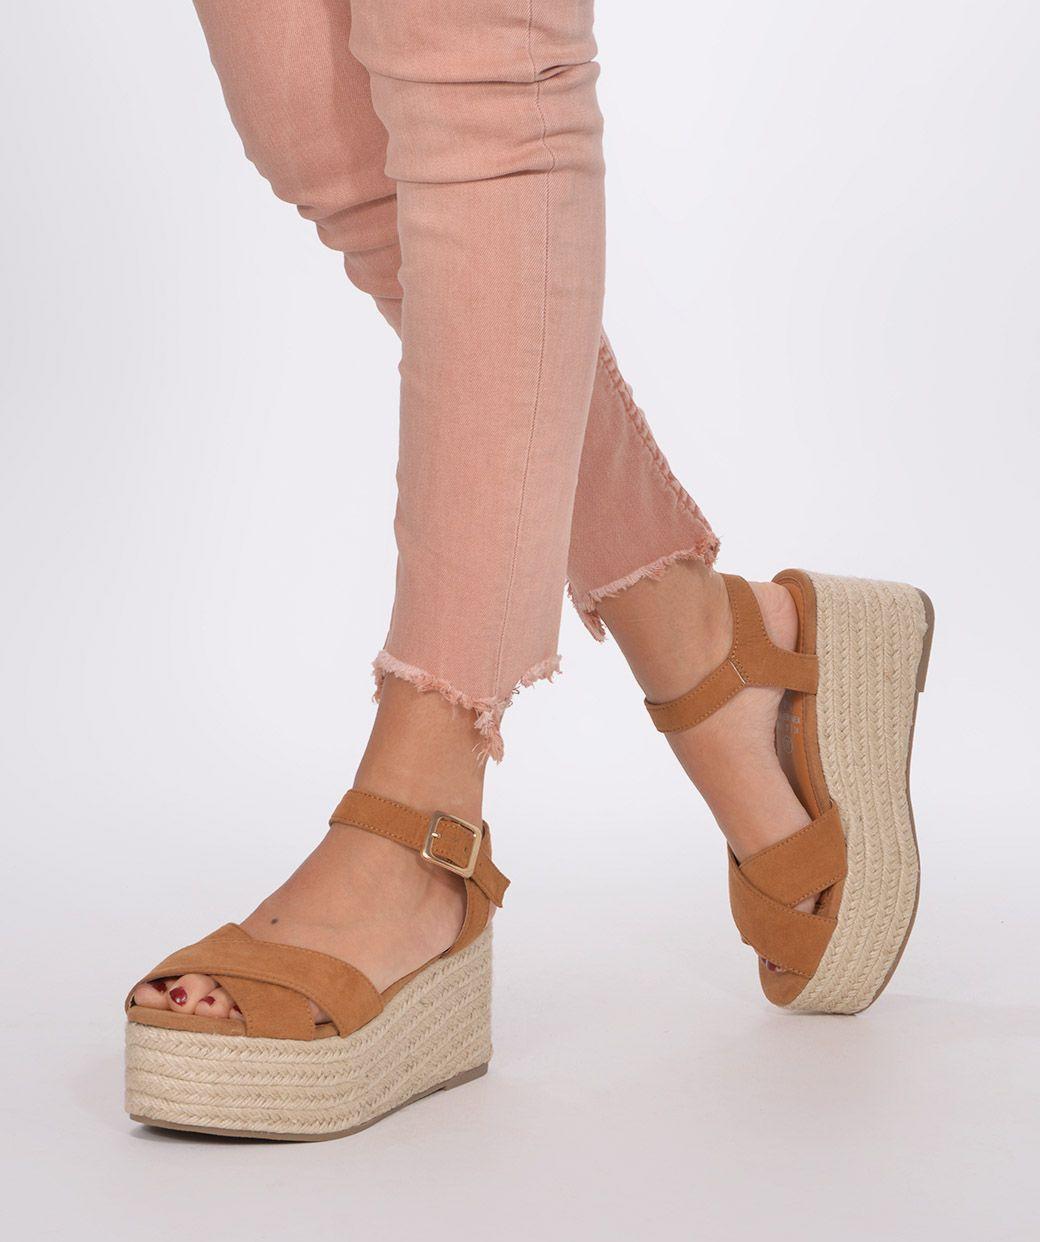 Sandalia Con Plataforma Esparto Sandalias Plataforma Zapatos Comunion Niña Zapatos De Tacón Lindos